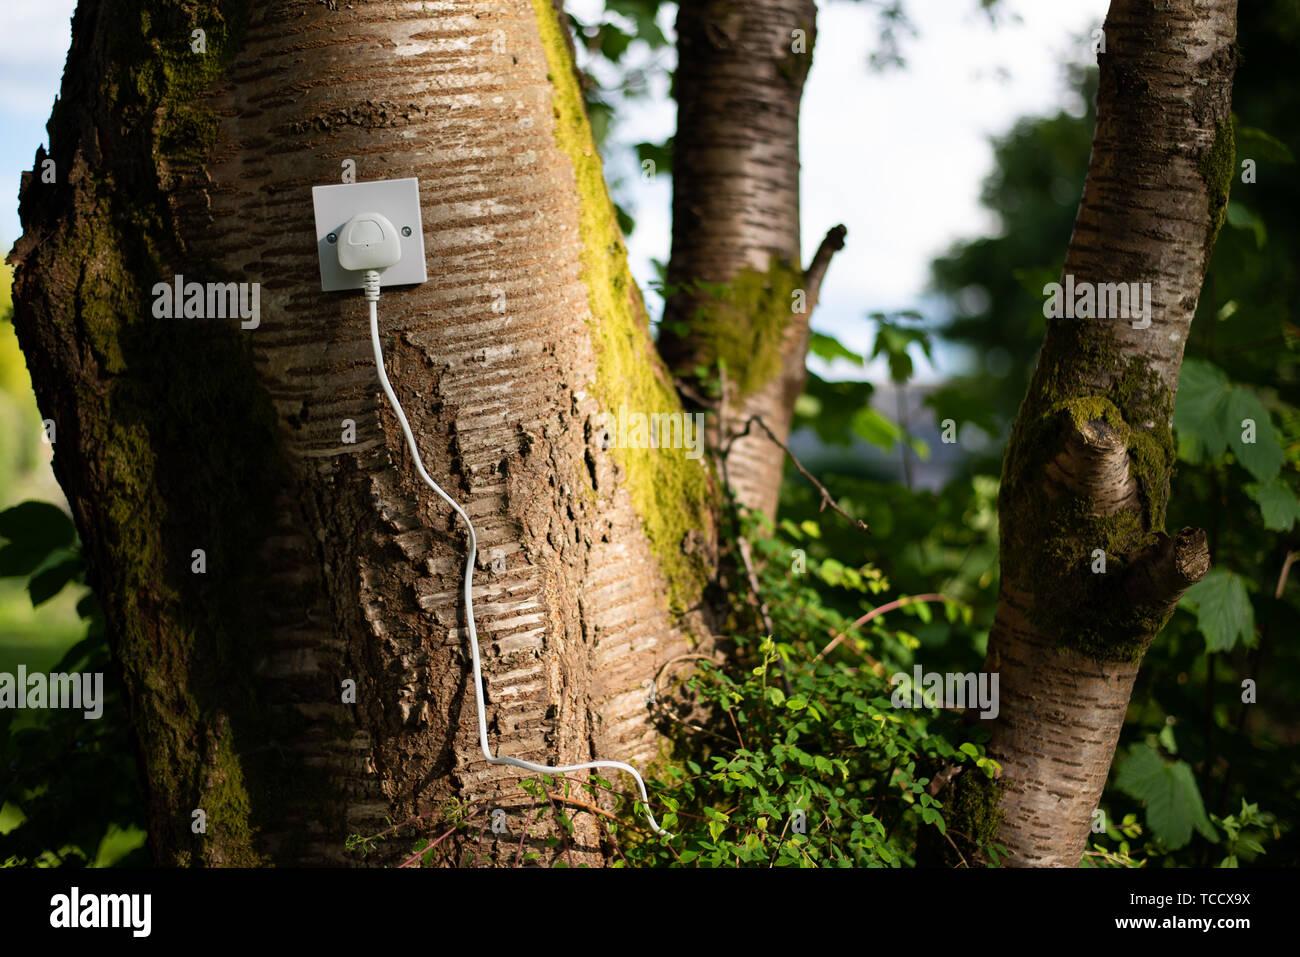 UK Stecker in eine Steckdose in einem Baum. Ökologische Konzept, Symbol für erneuerbare Energie, Bioenergie Stockfoto